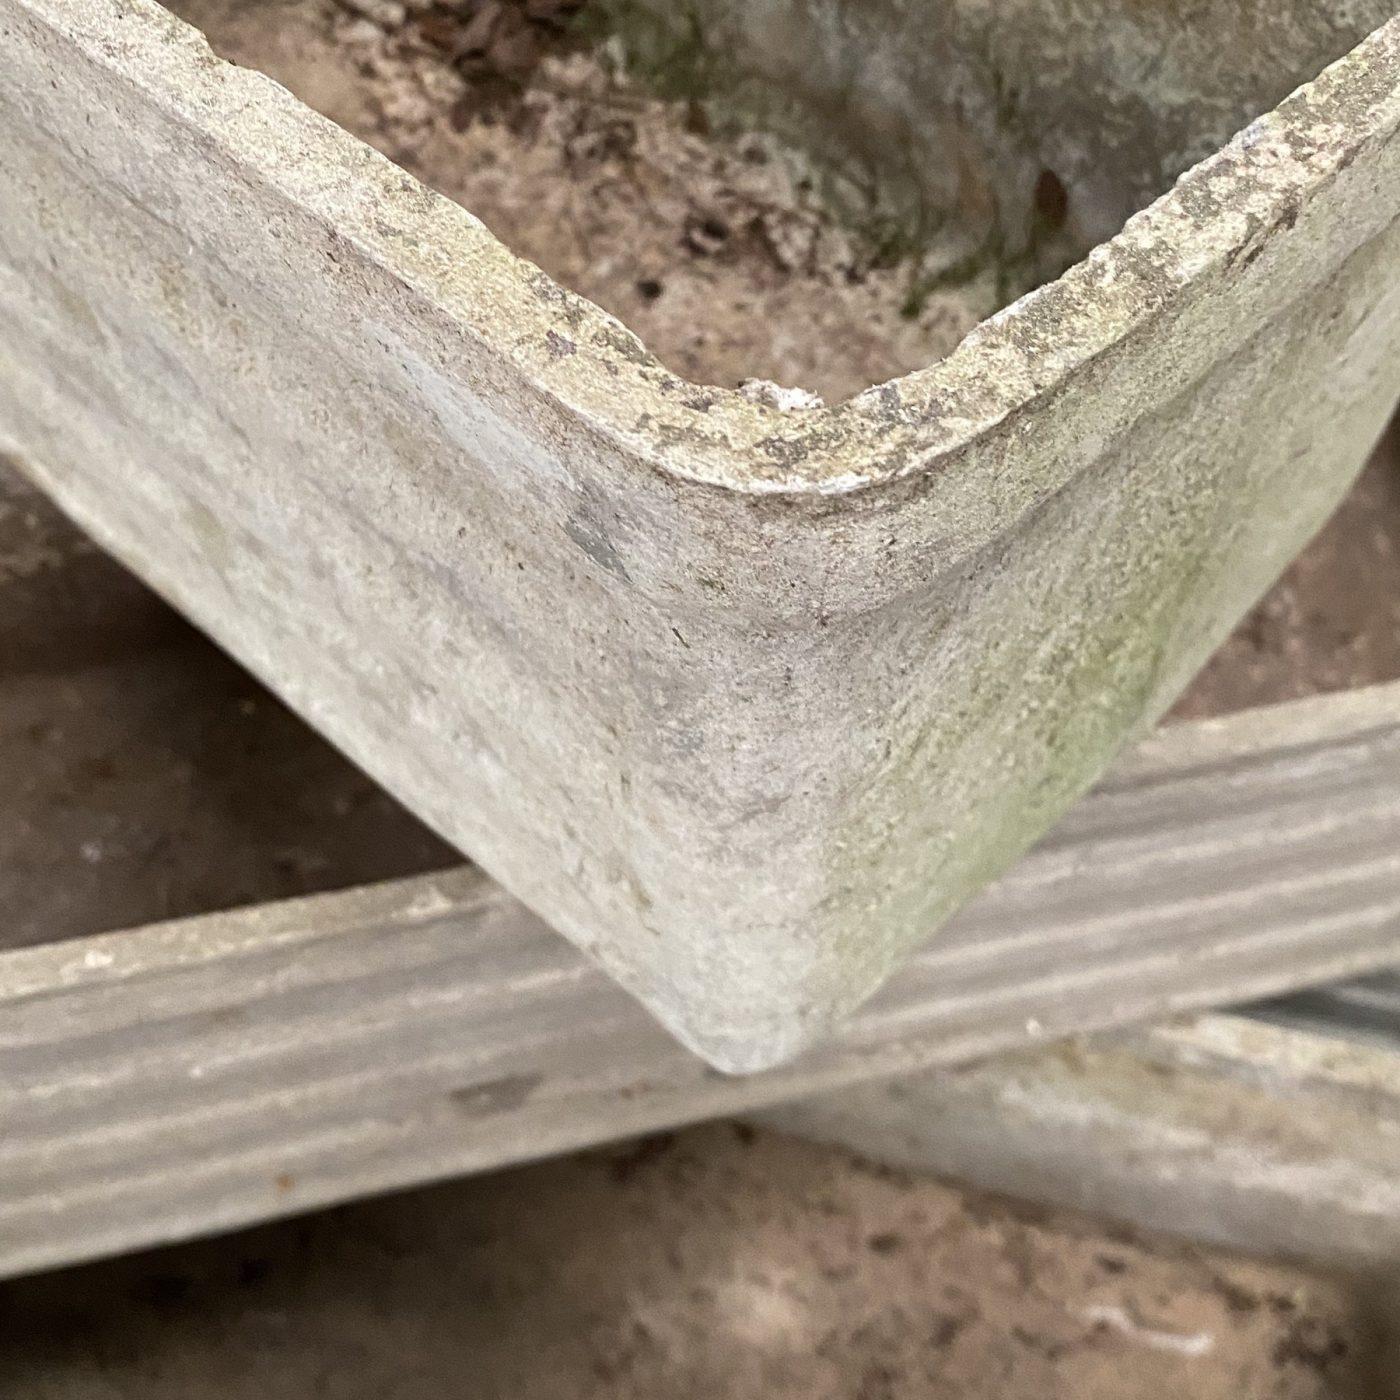 objet-vagabond-concrete-planters0001